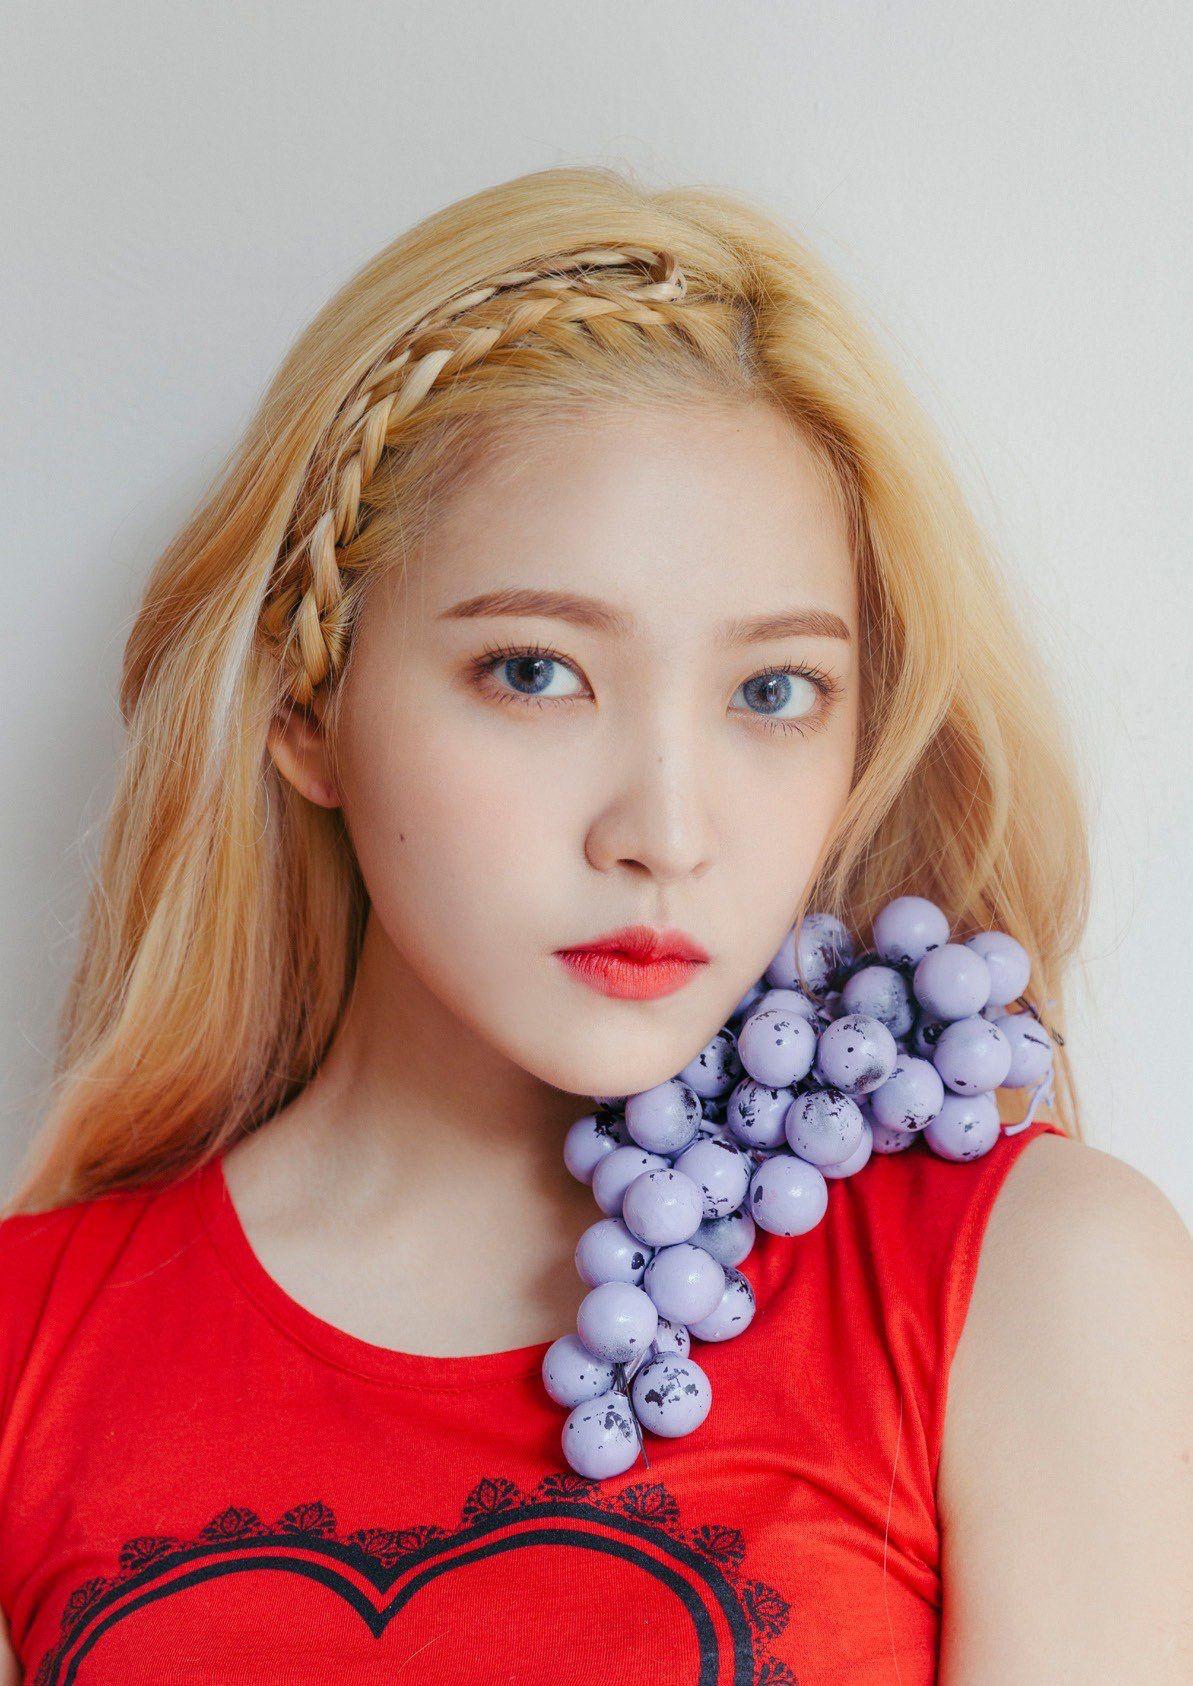 Red Velvet Yeri Theredsummer 레드 벨벳 예리 Red Velvet